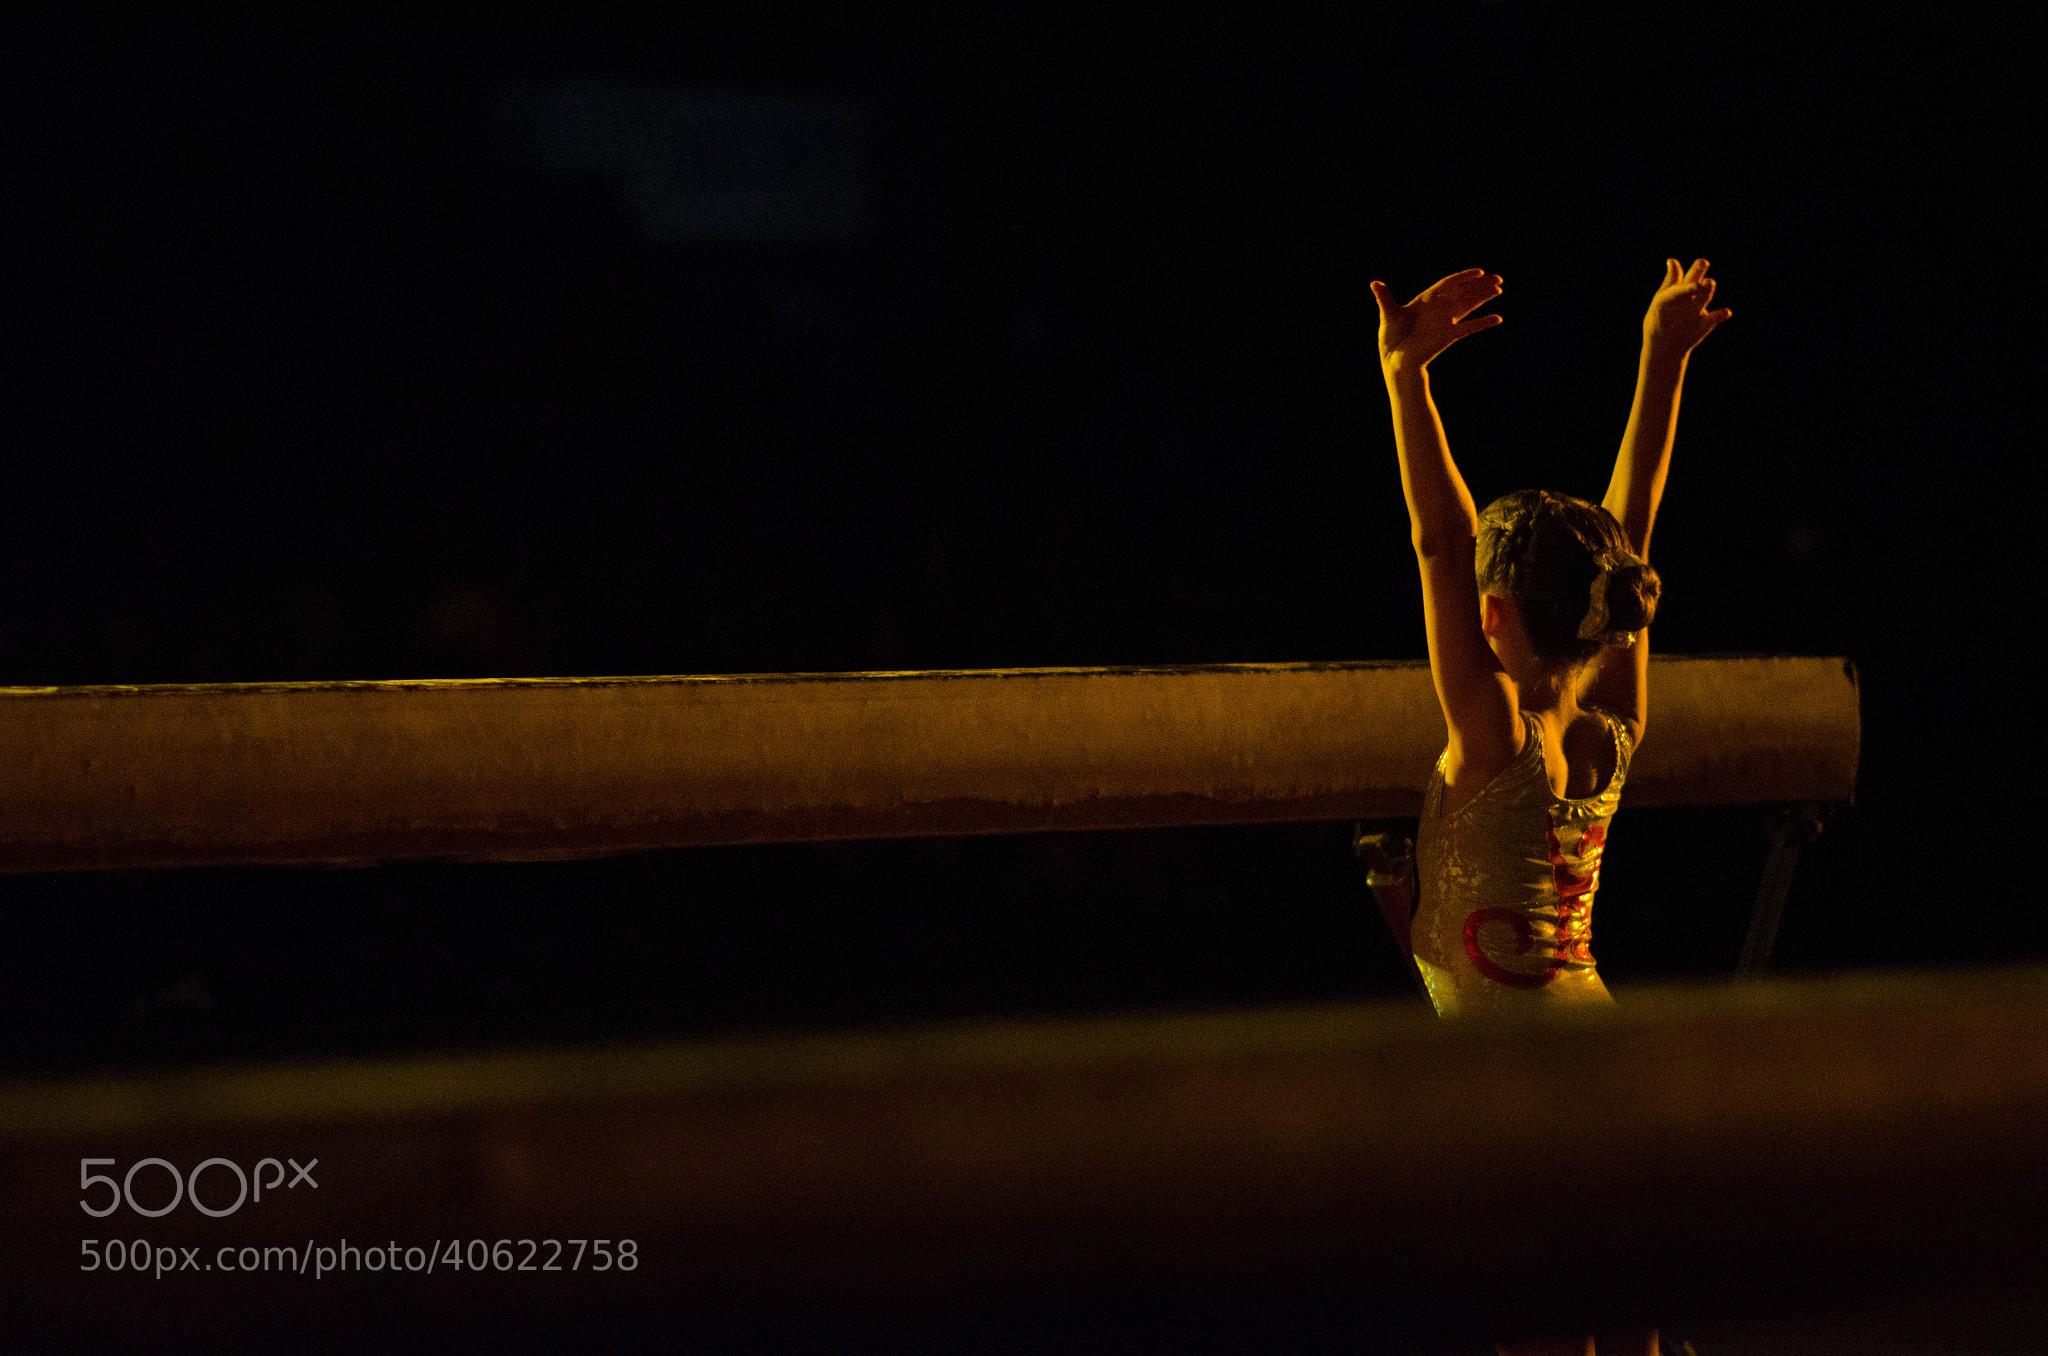 Photograph Glitter/Shine by Victoria Guzman on 500px